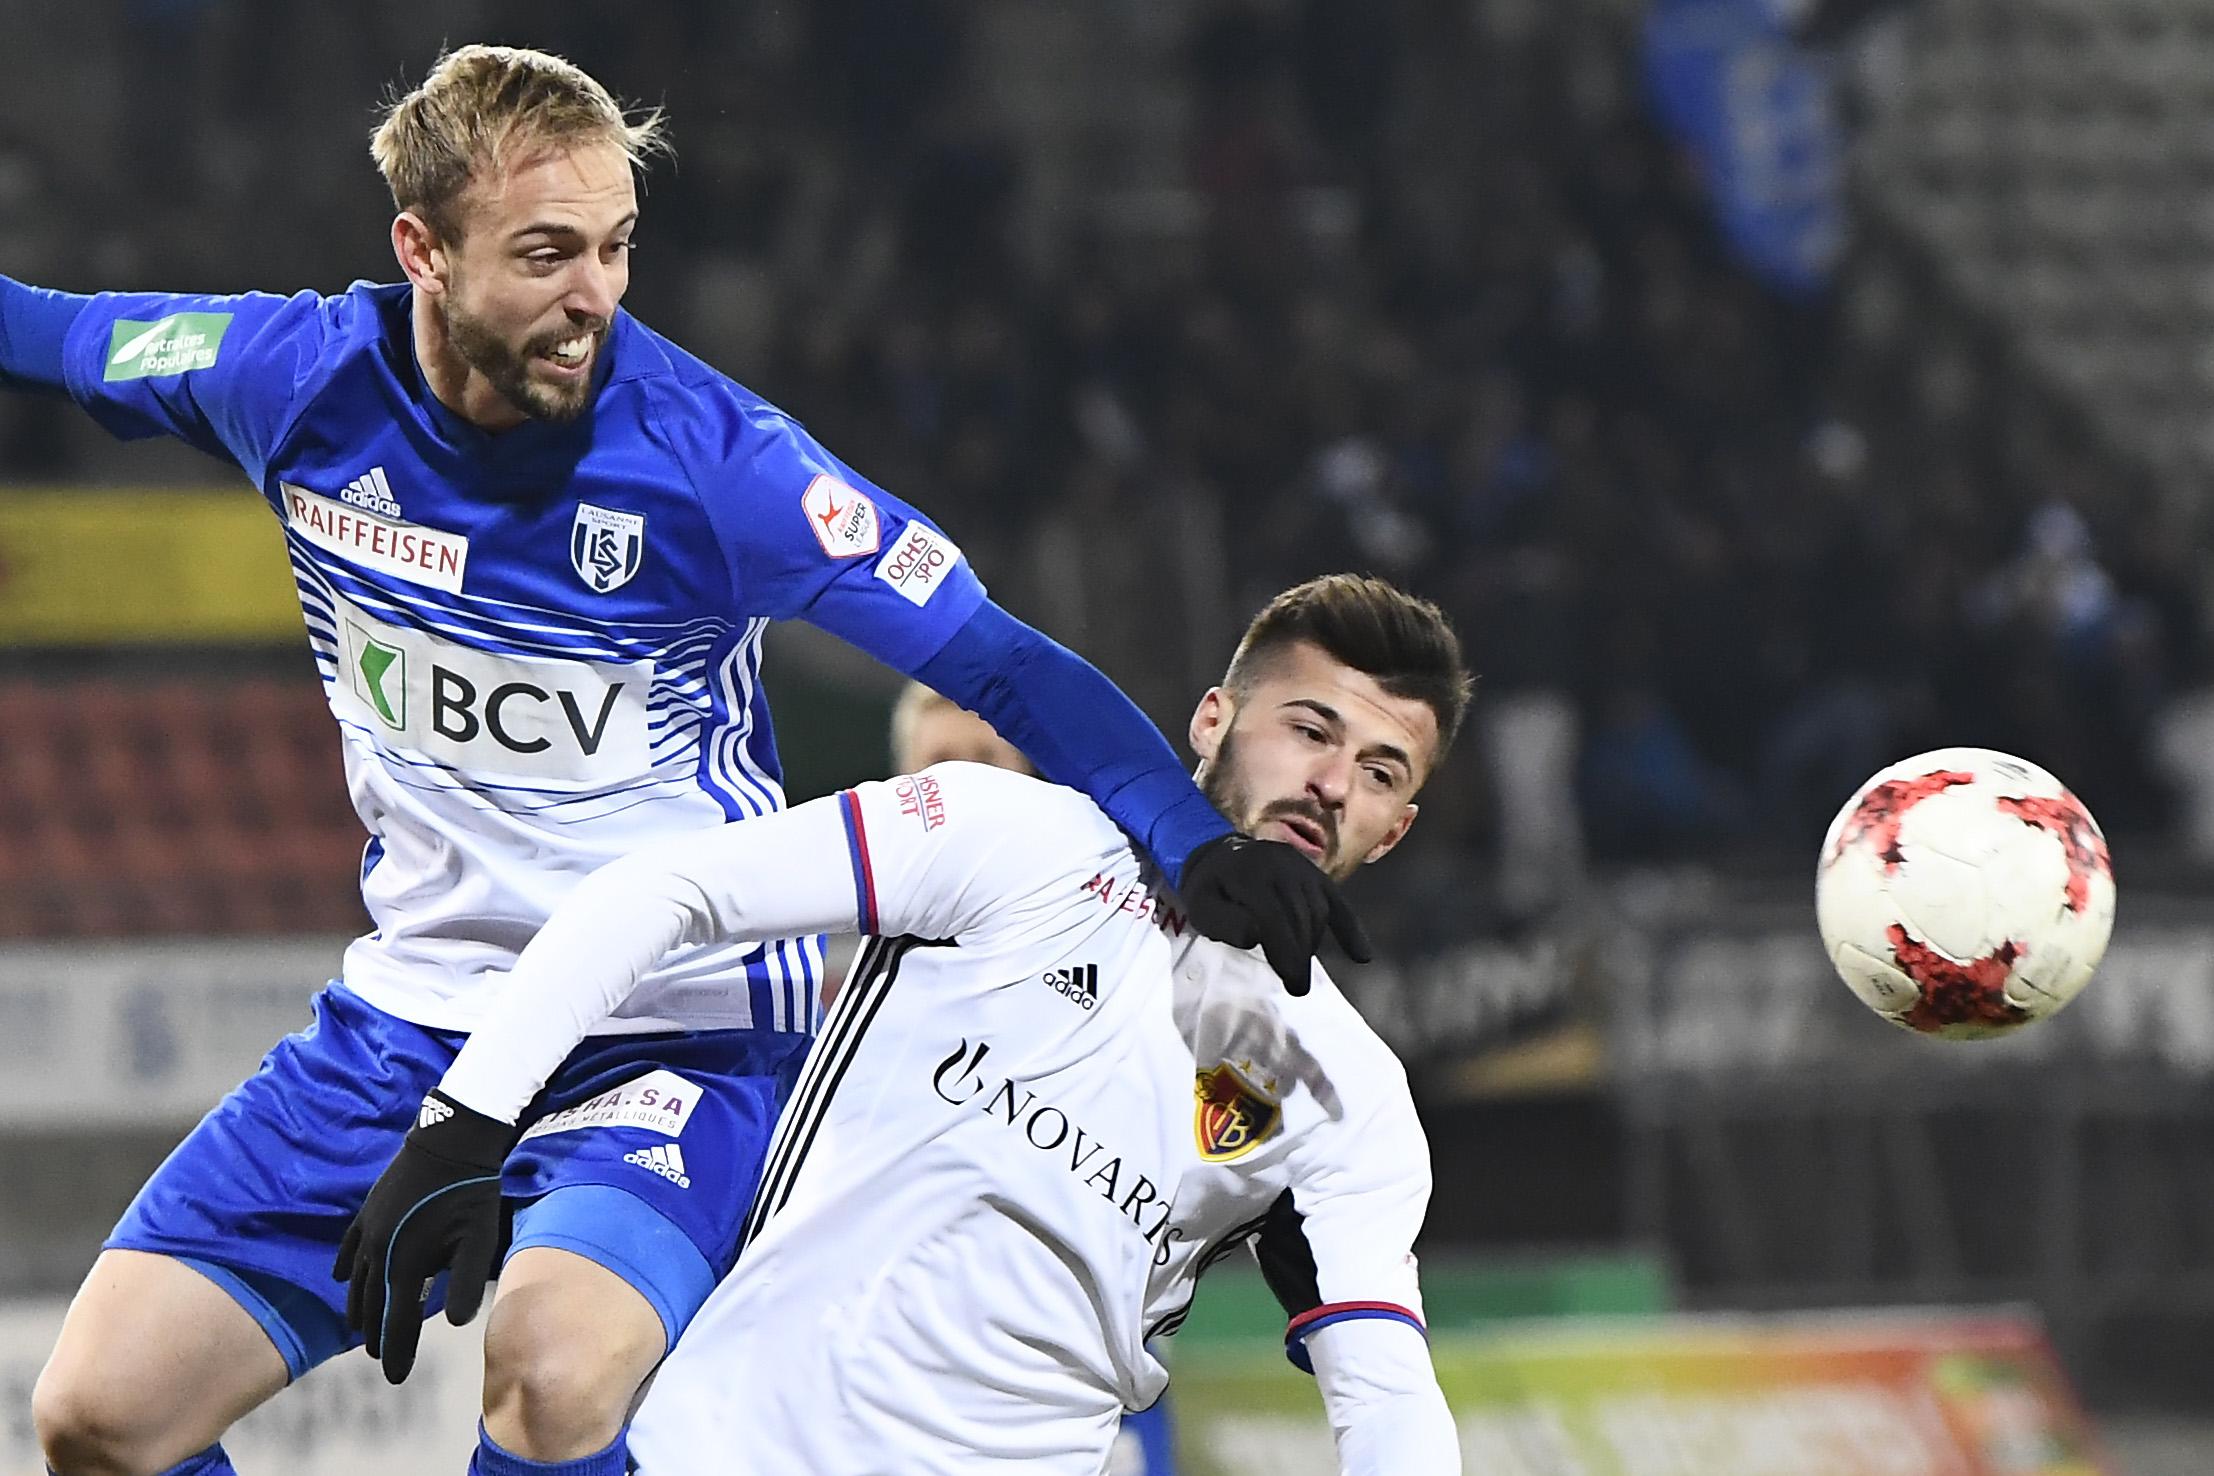 02.12.2017; Lausanne; Fussball Super League - FC Lausanne-Sport - FC Basel;Nicolas Getaz (Lausanne) gegen Albian Ajeti (Base